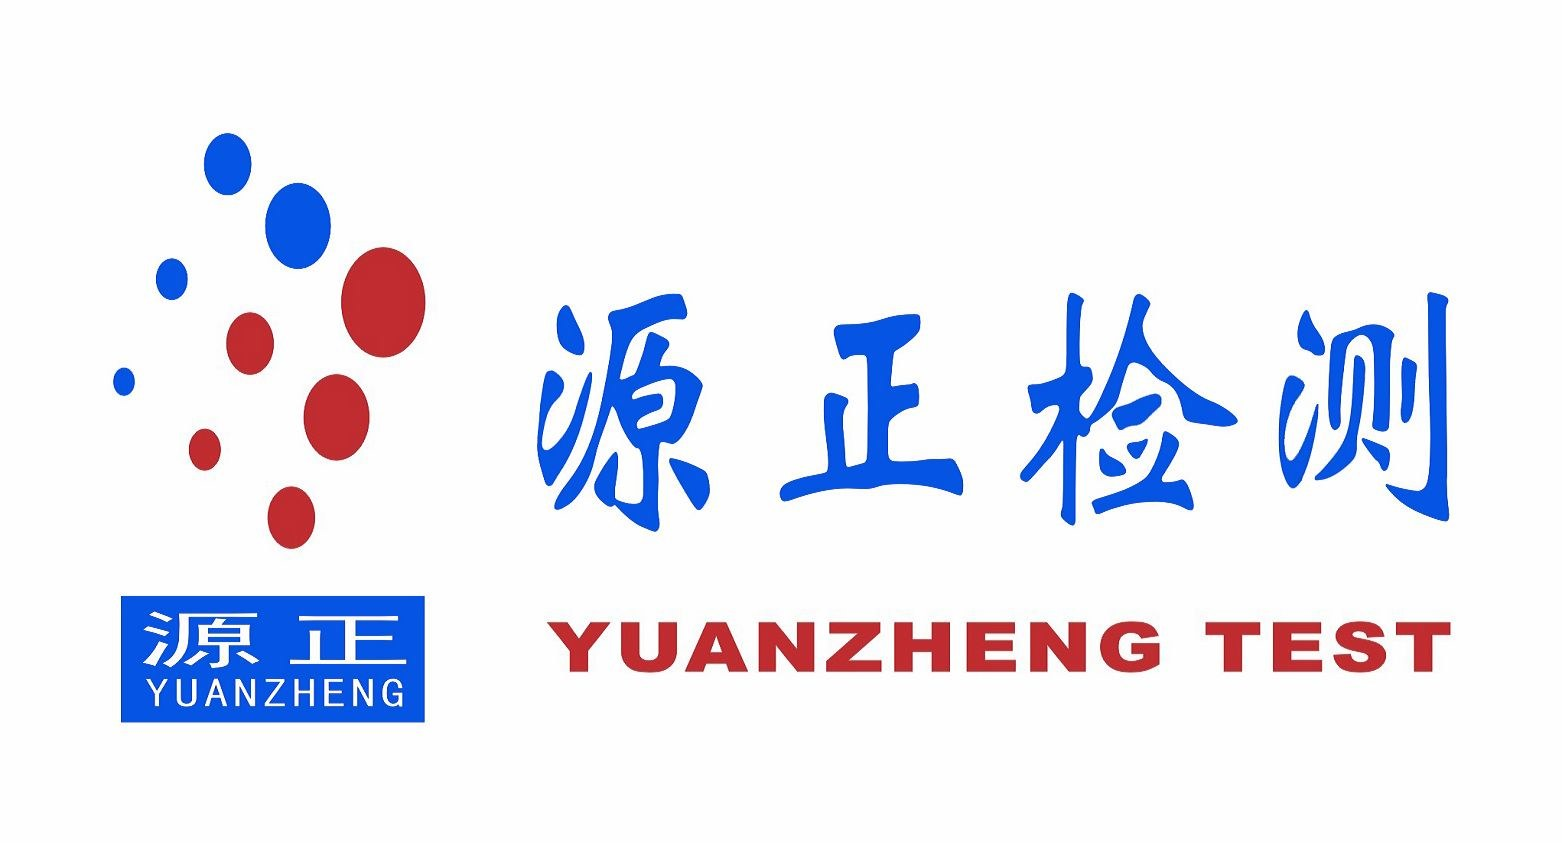 上海源正科技有限责任公司